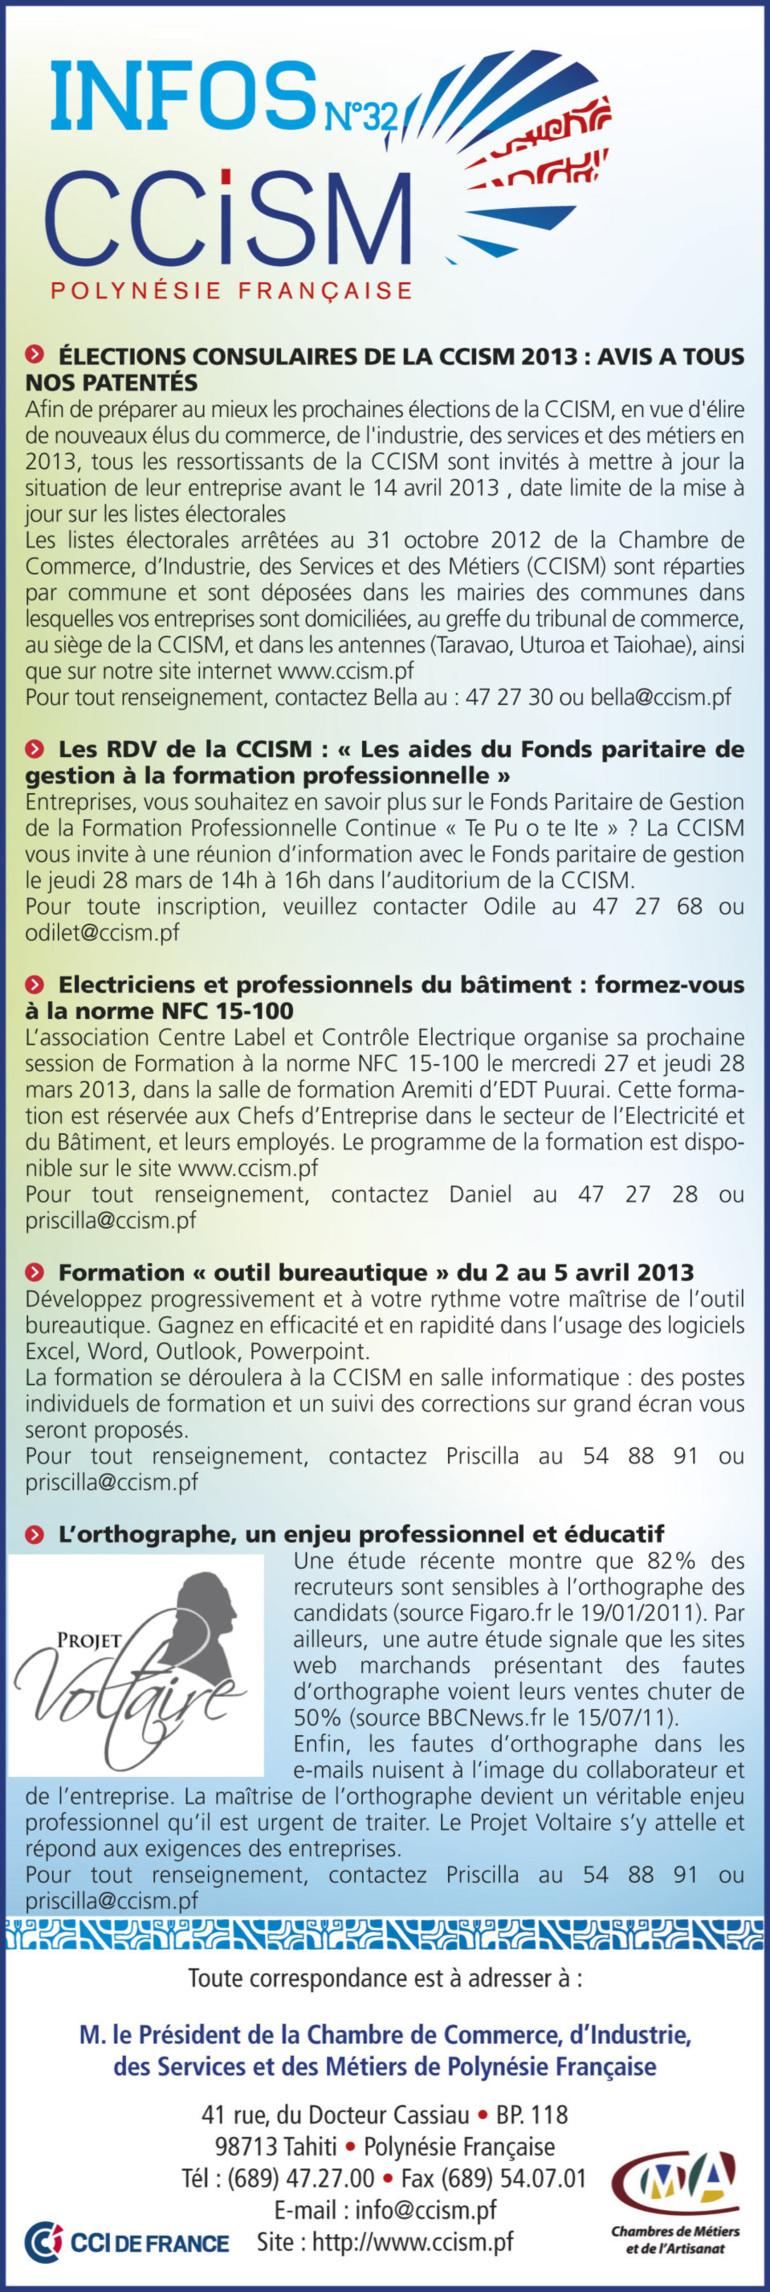 Infos CCISM N°32